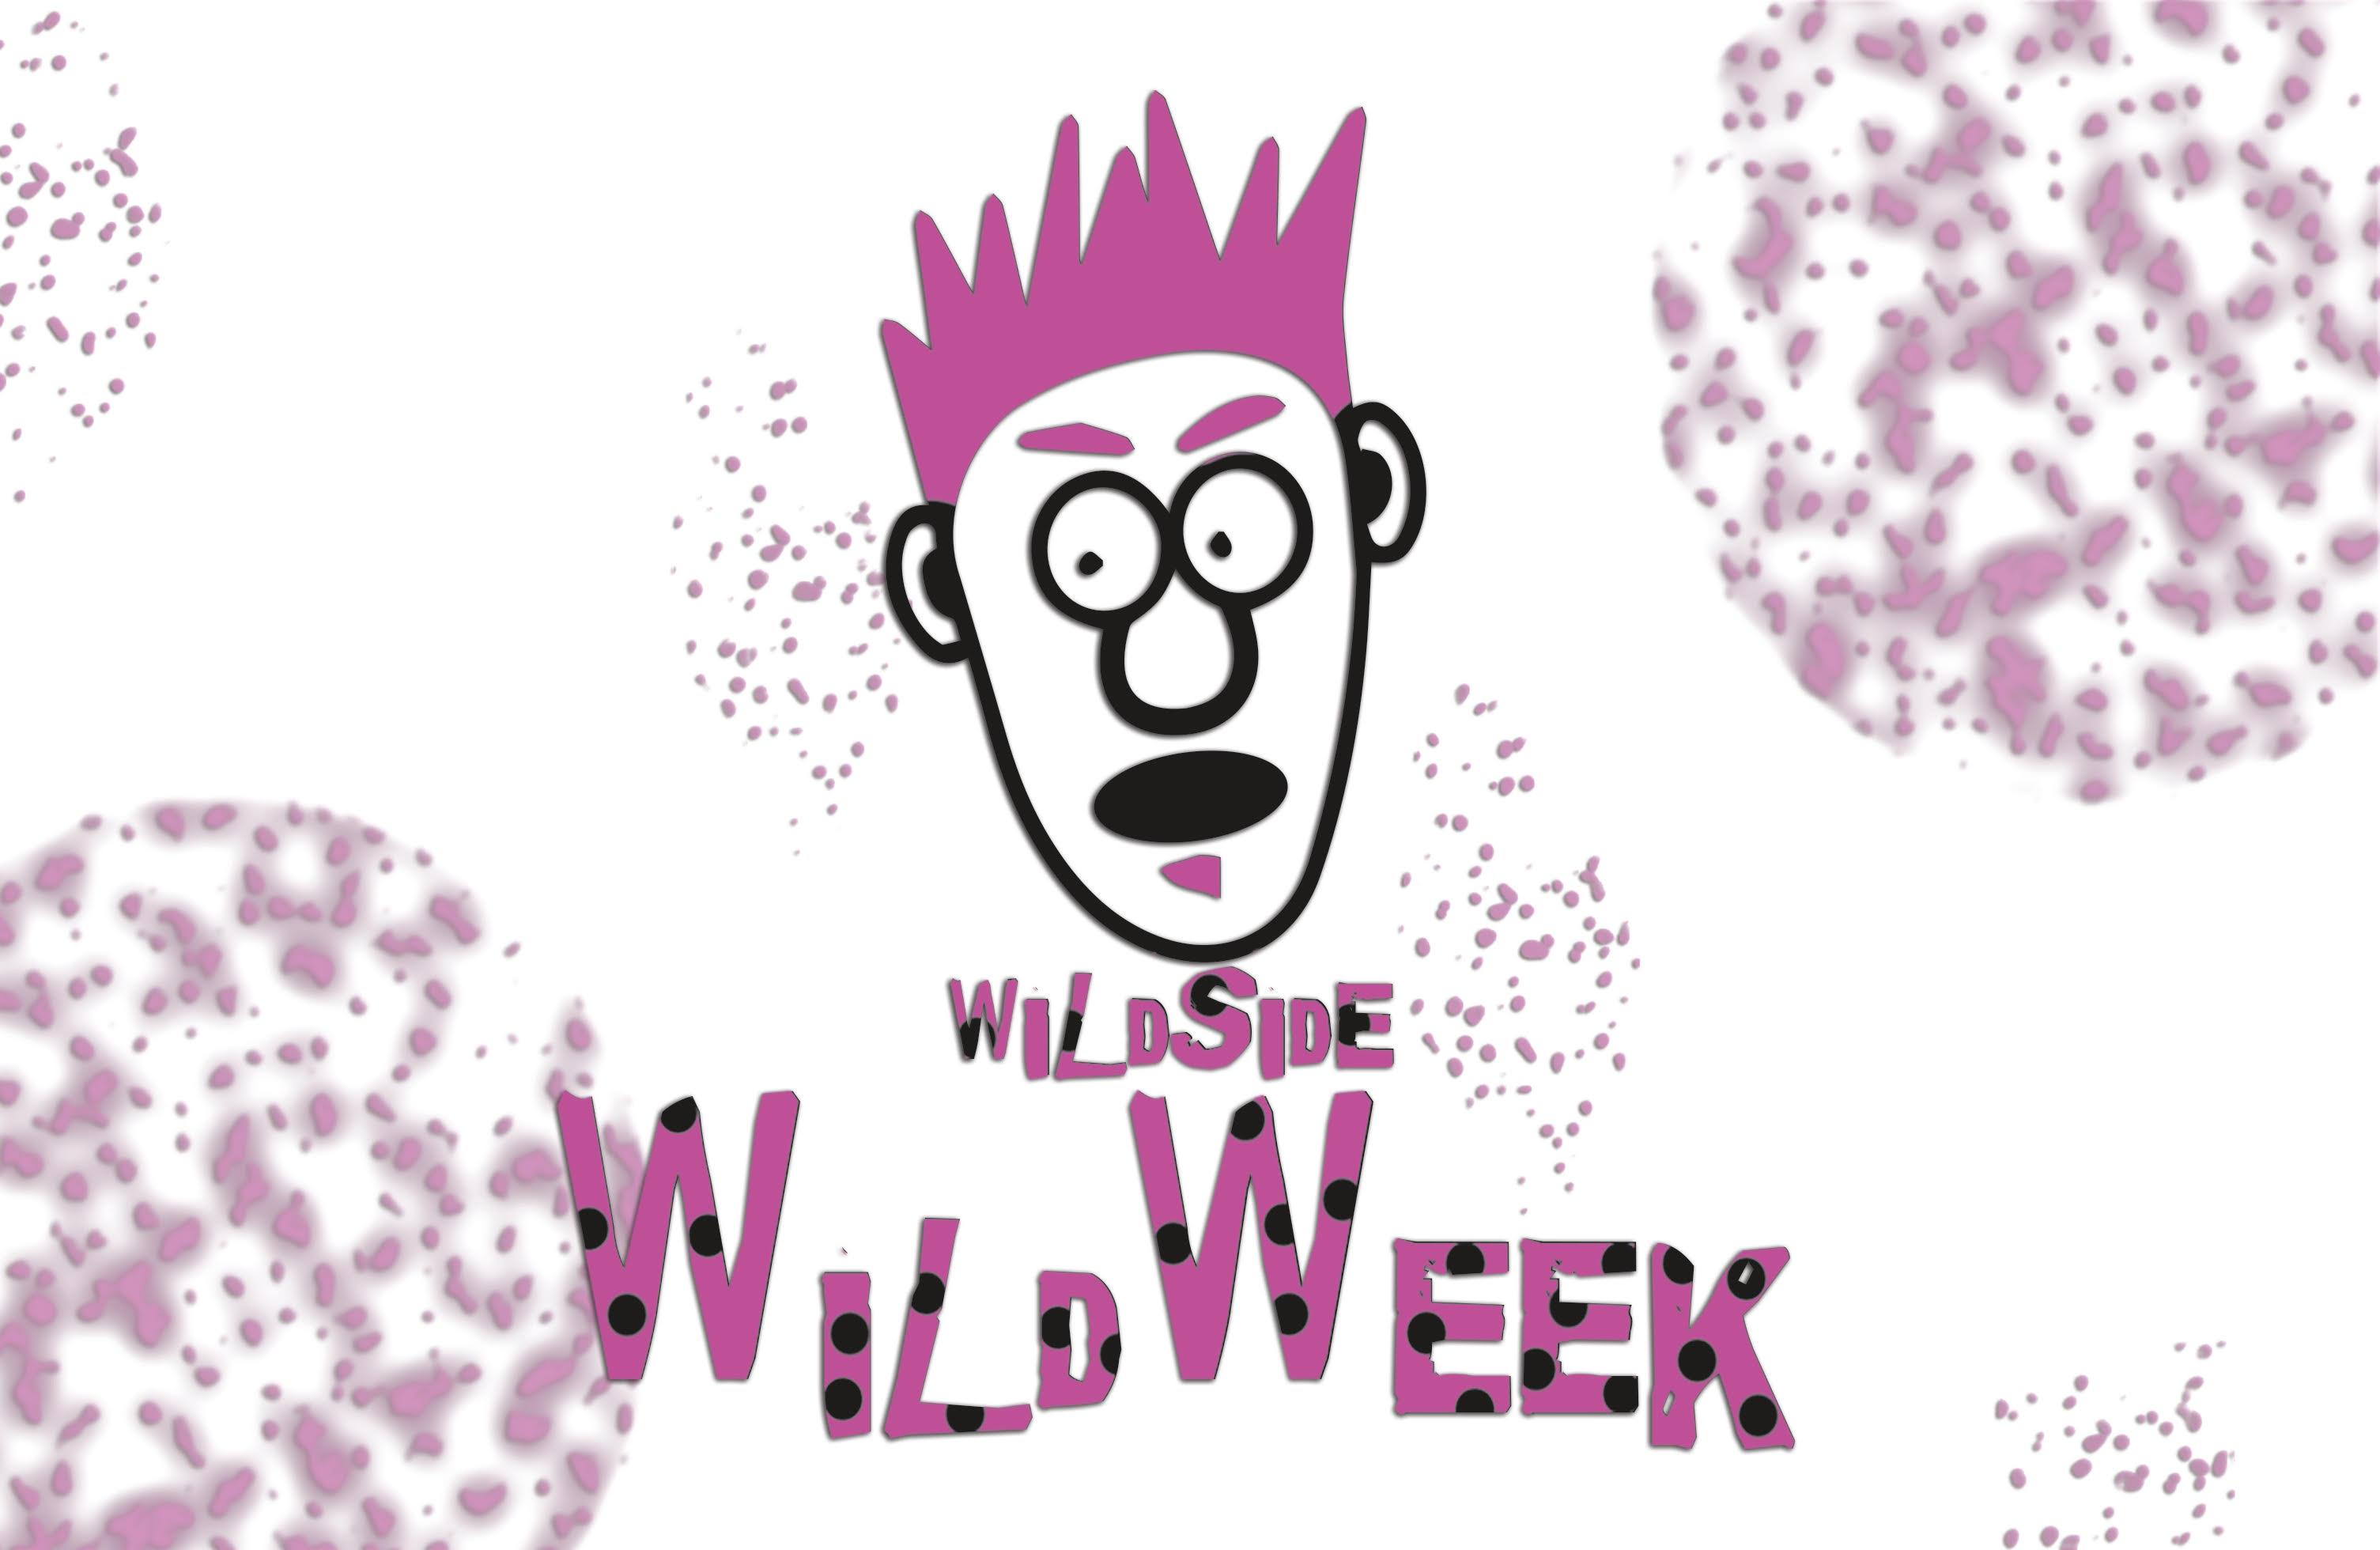 Wild week art